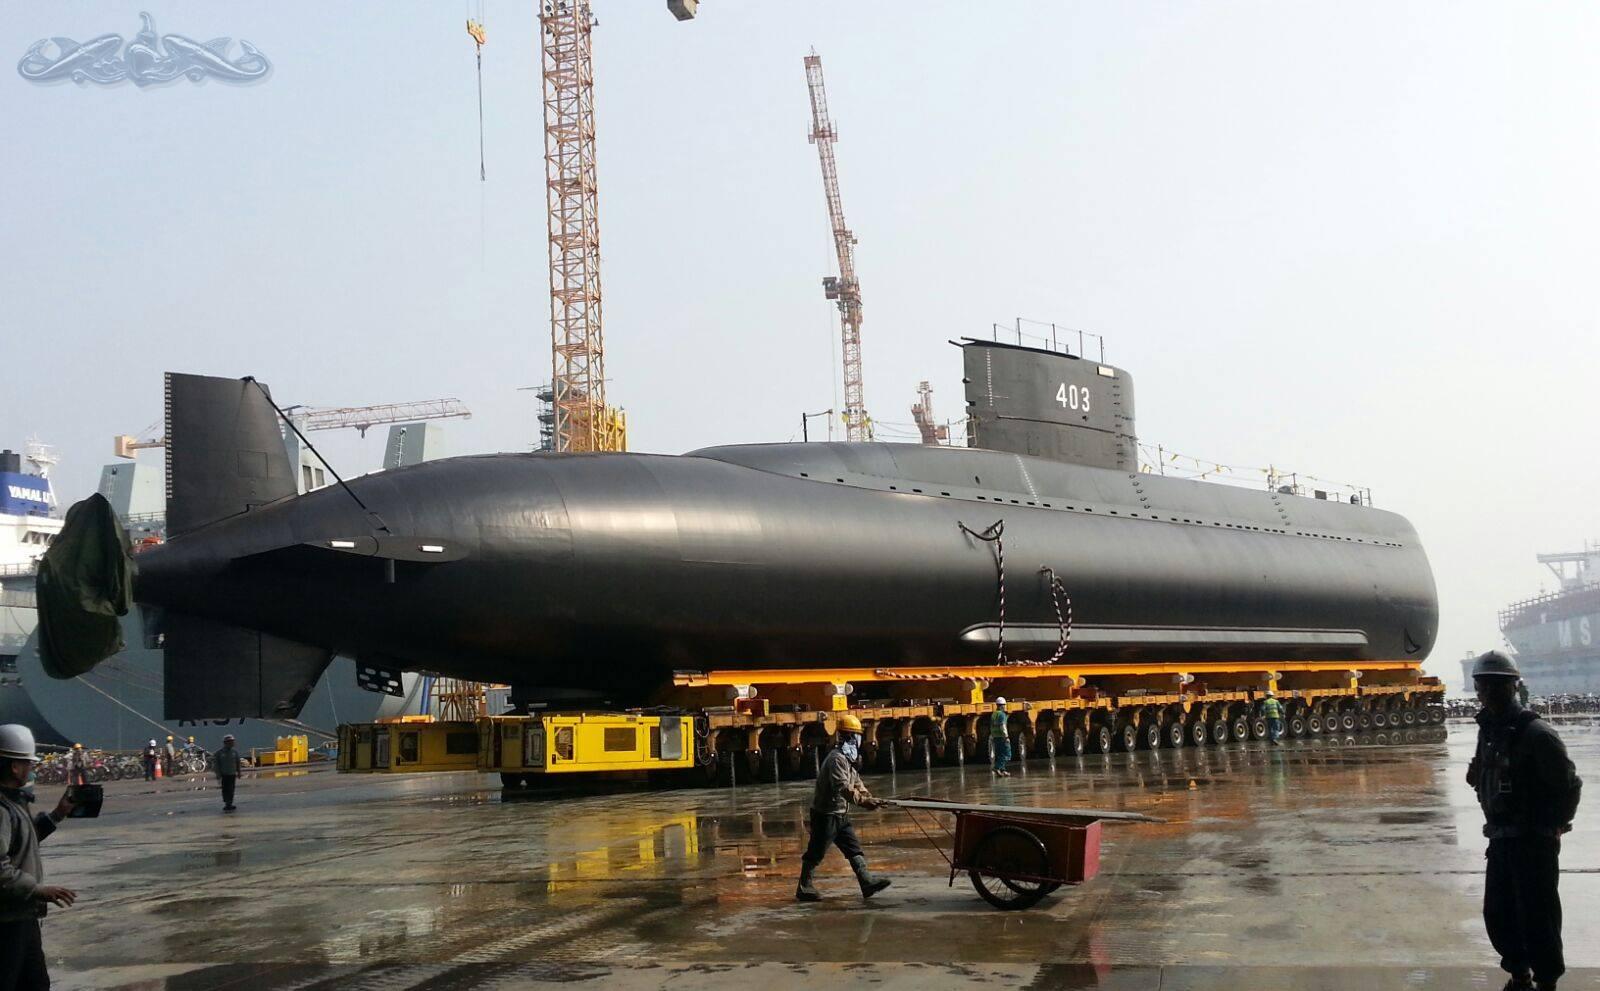 TNI Butuh Tambahan 4 Kapal Selam Baru